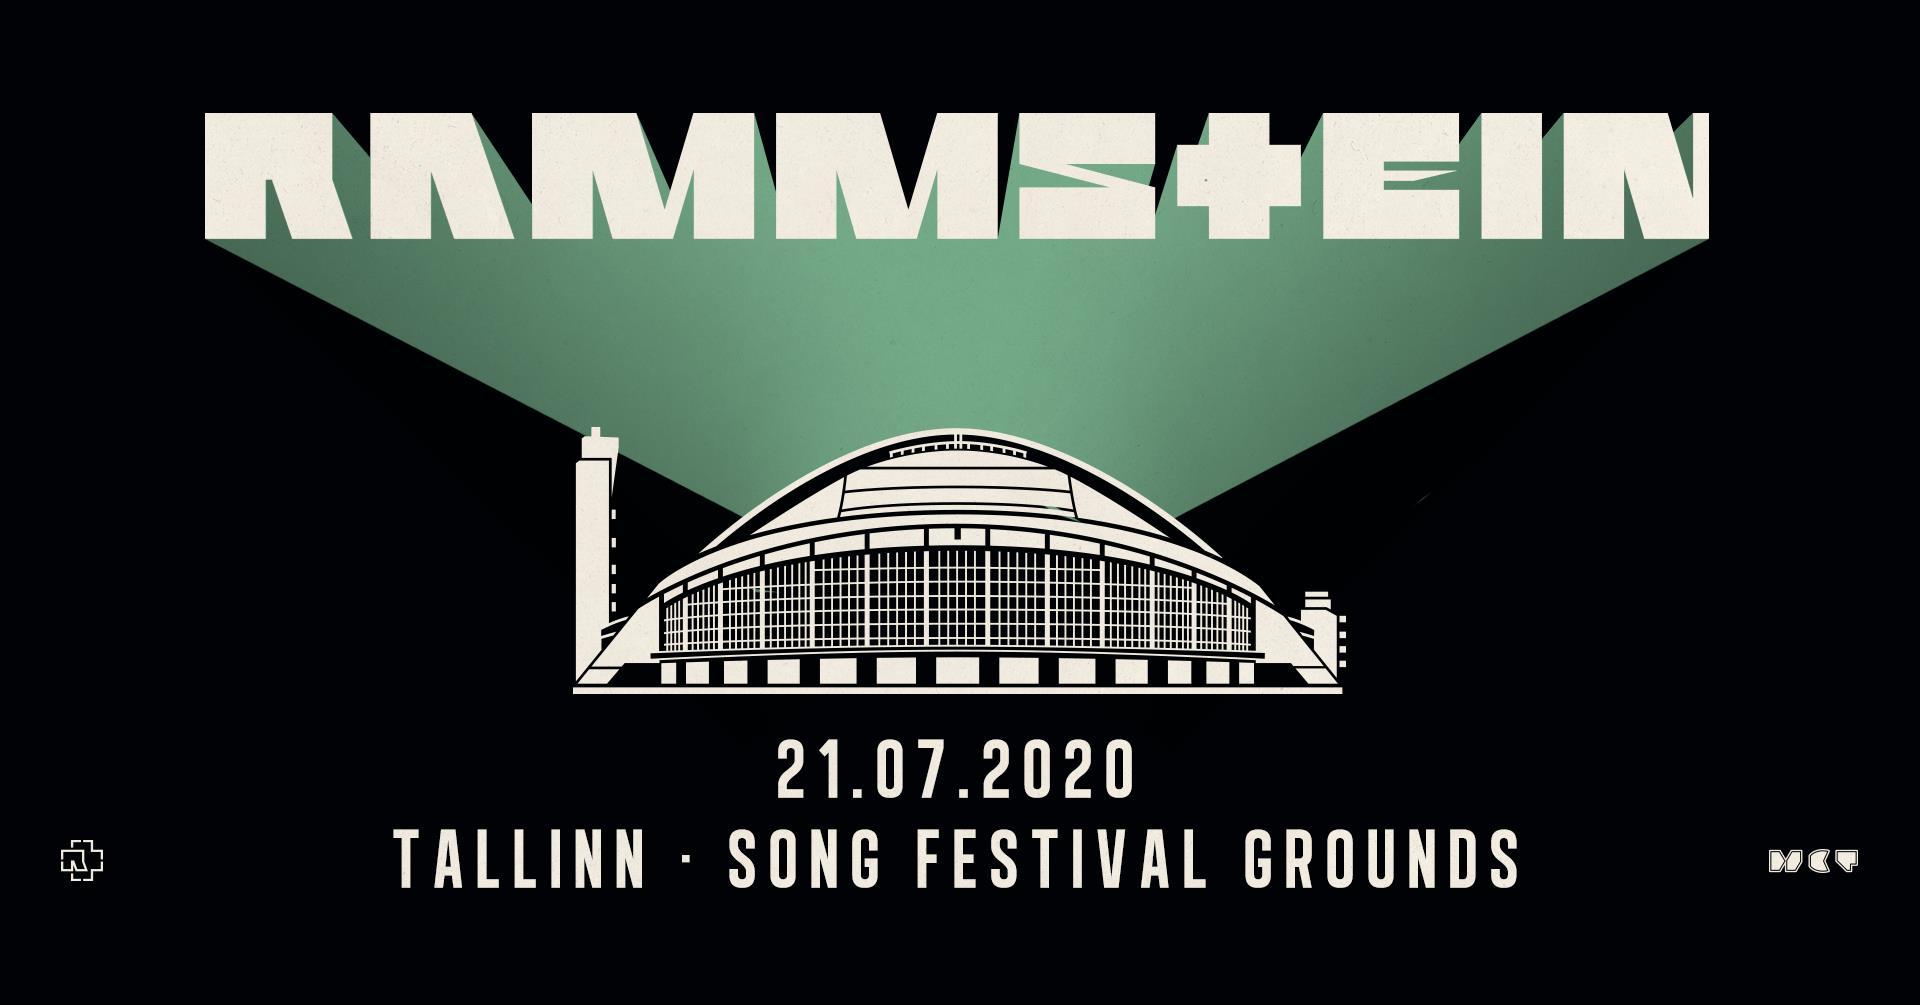 Rammstein – Tallinna Lauluväljak (Europe Stadium Tour 2021)